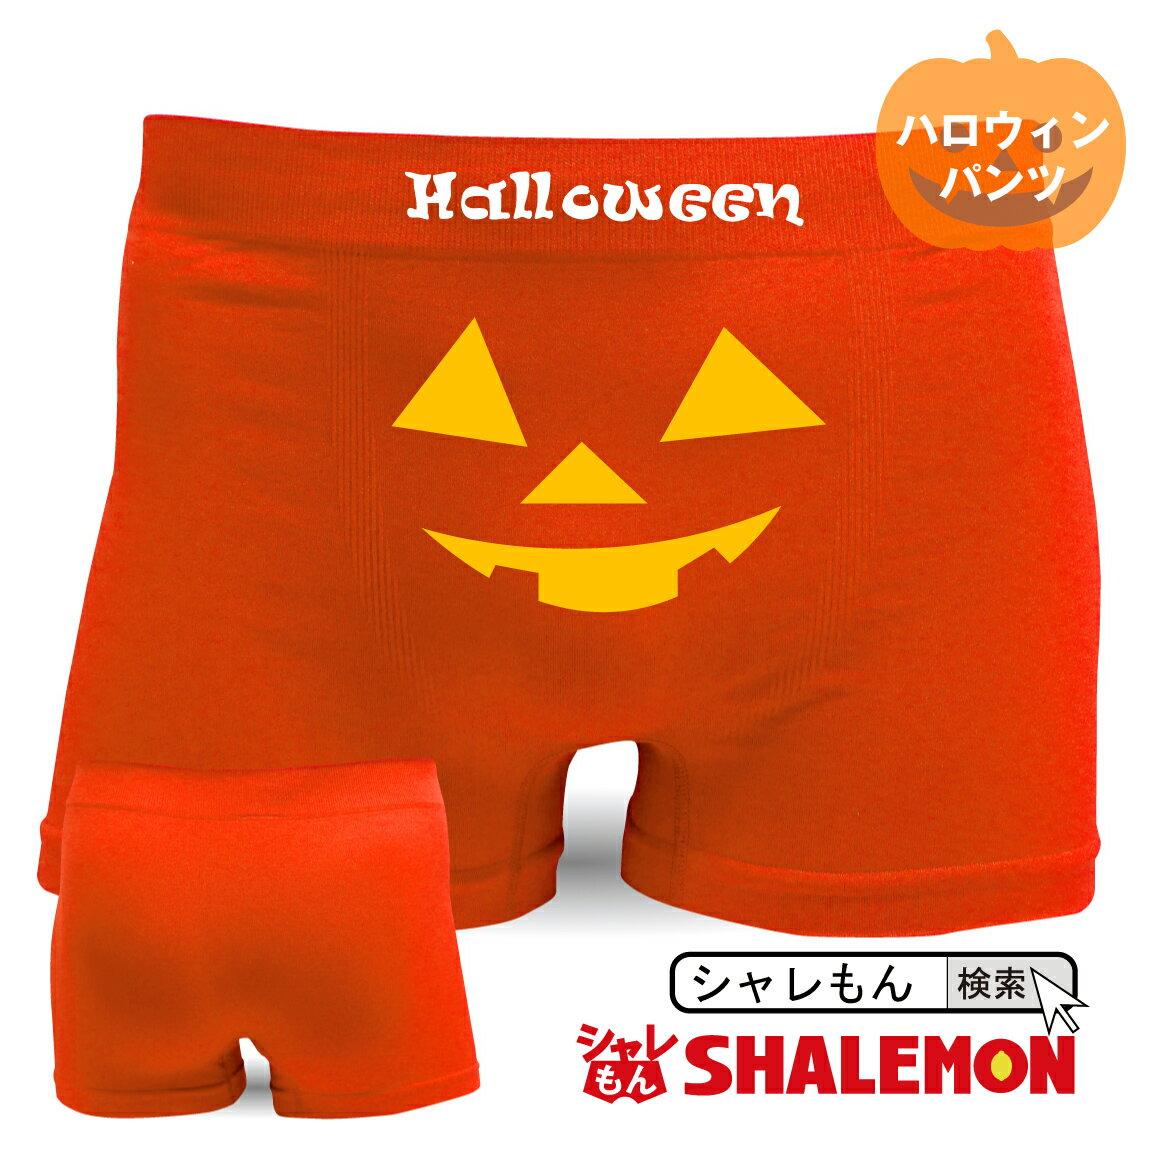 e0147dc387fd1a ボクサーパンツ【色選択】【ナイロン】ハロウィーン・halloweenプレゼントおもしろジョーク下着